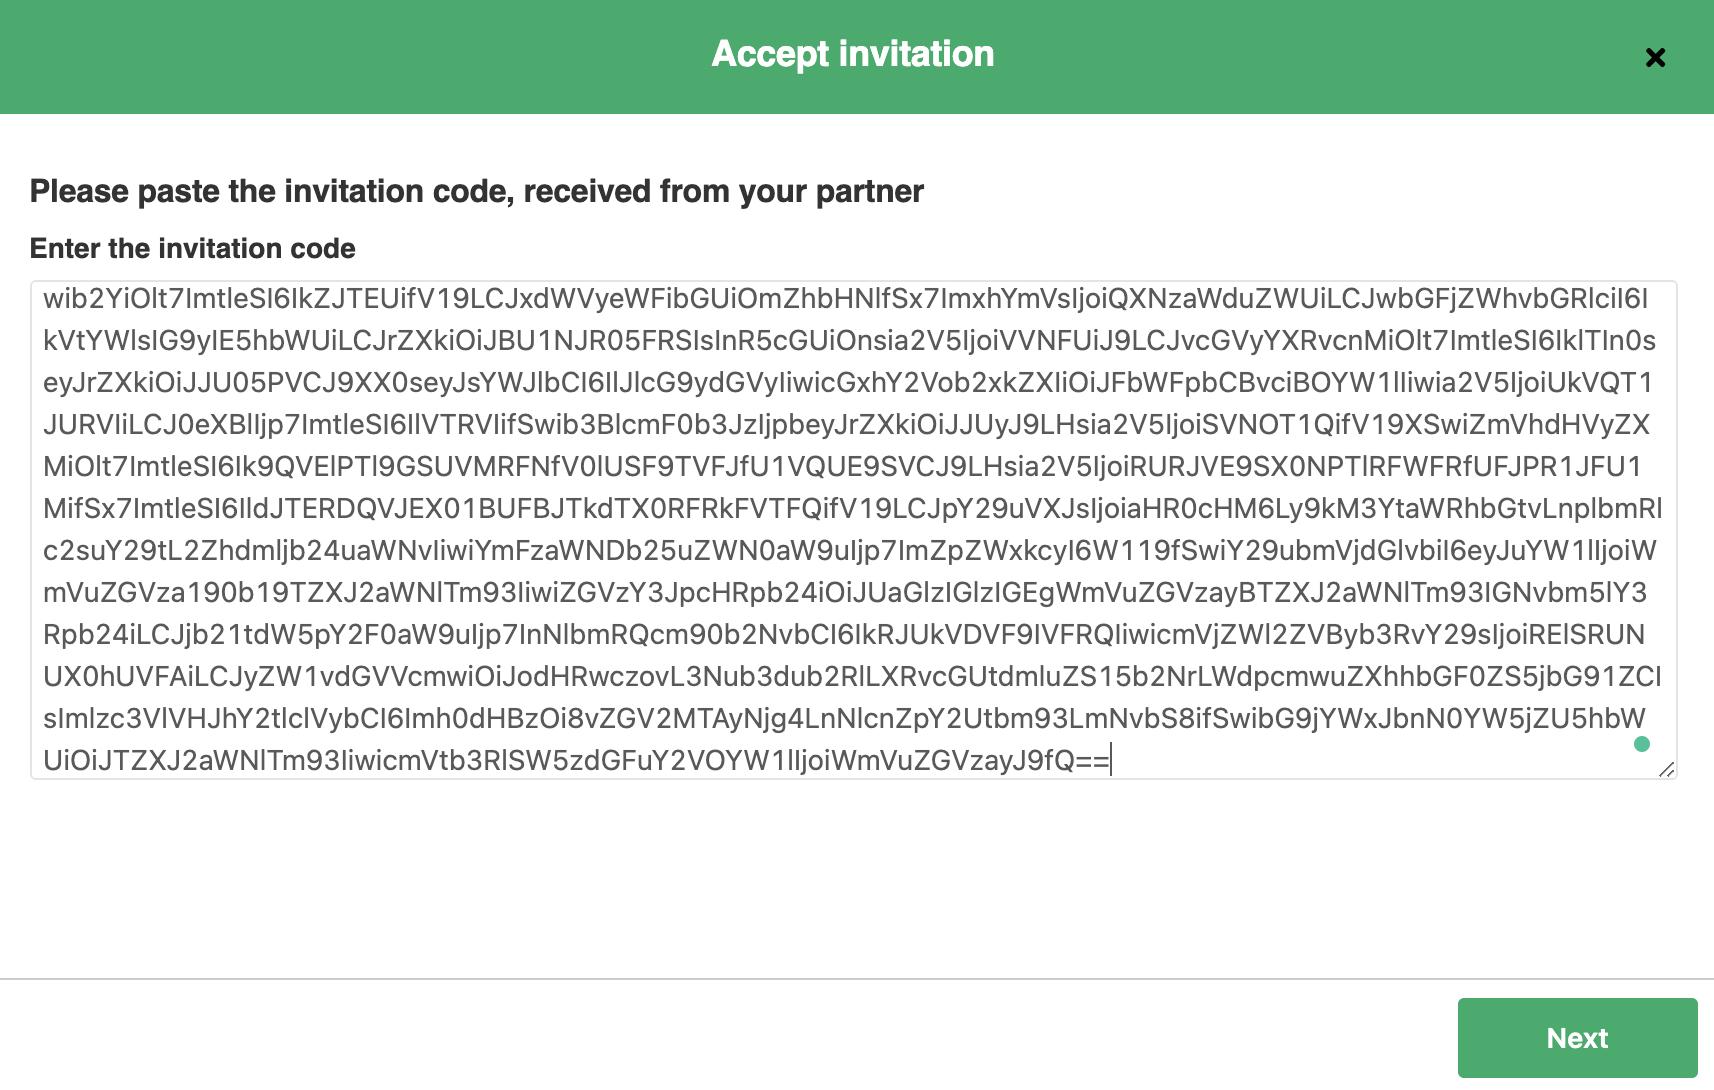 Accept ServiceNow Zendesk invitation